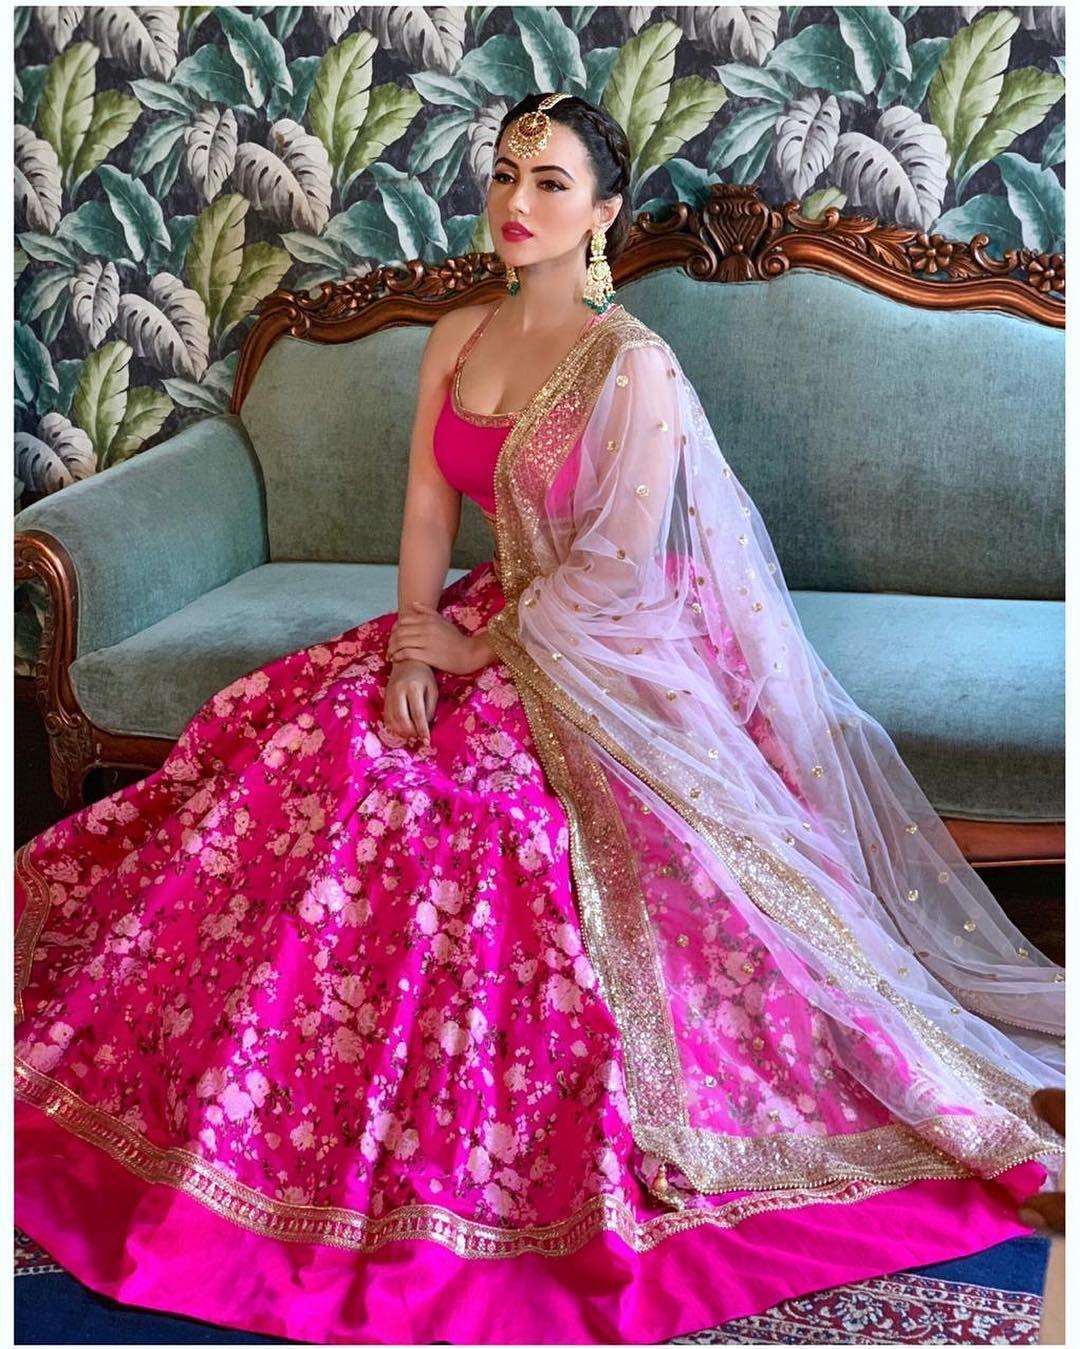 Sana Khan looks Bridal lehenga choli, Lehnga